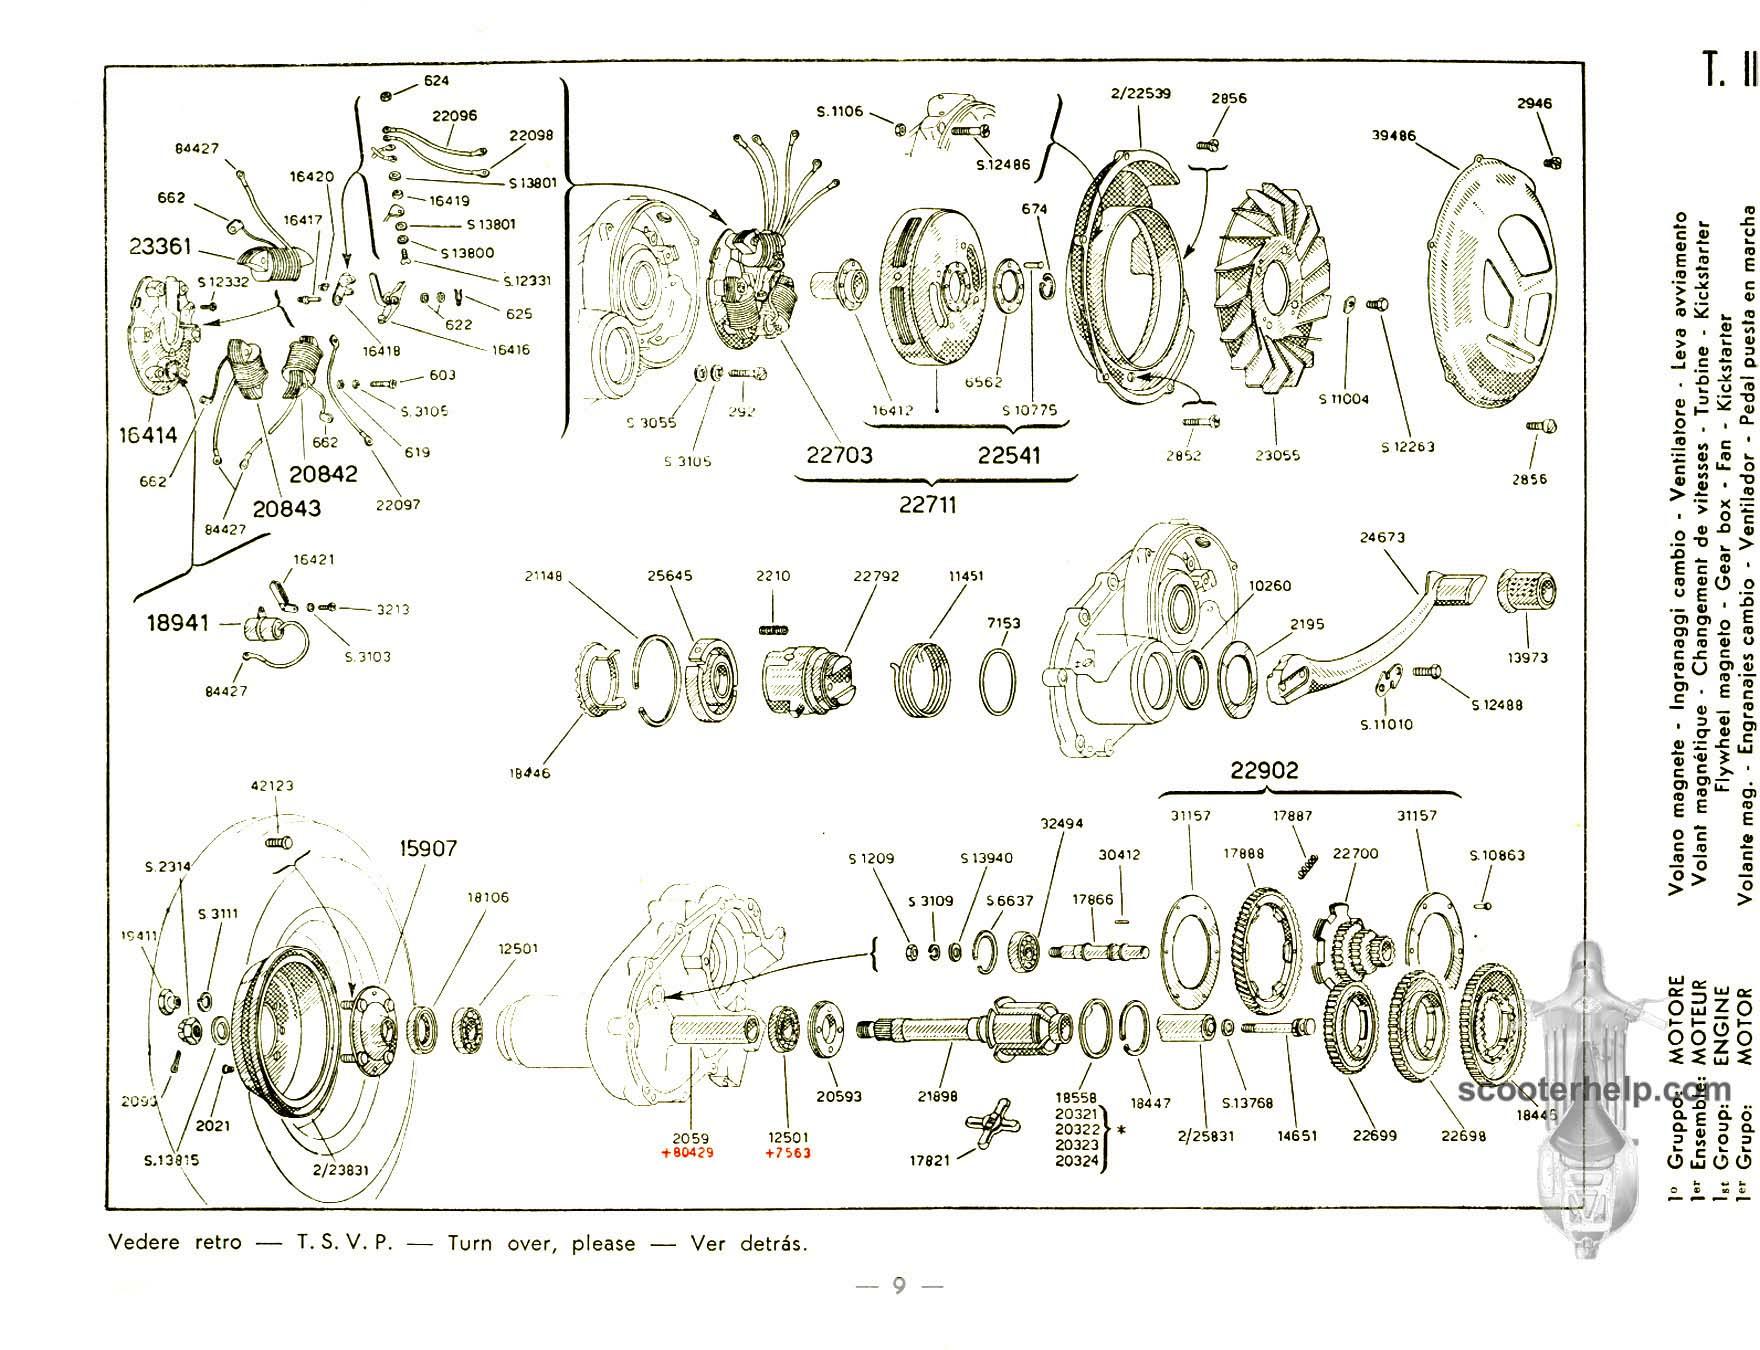 Wiring Diagram Vespa Vl1 Great Installation Of Gts 150 Vl1t Vl3t Parts Manual Rh Scooterhelp Com Chetak 6v 1984 250